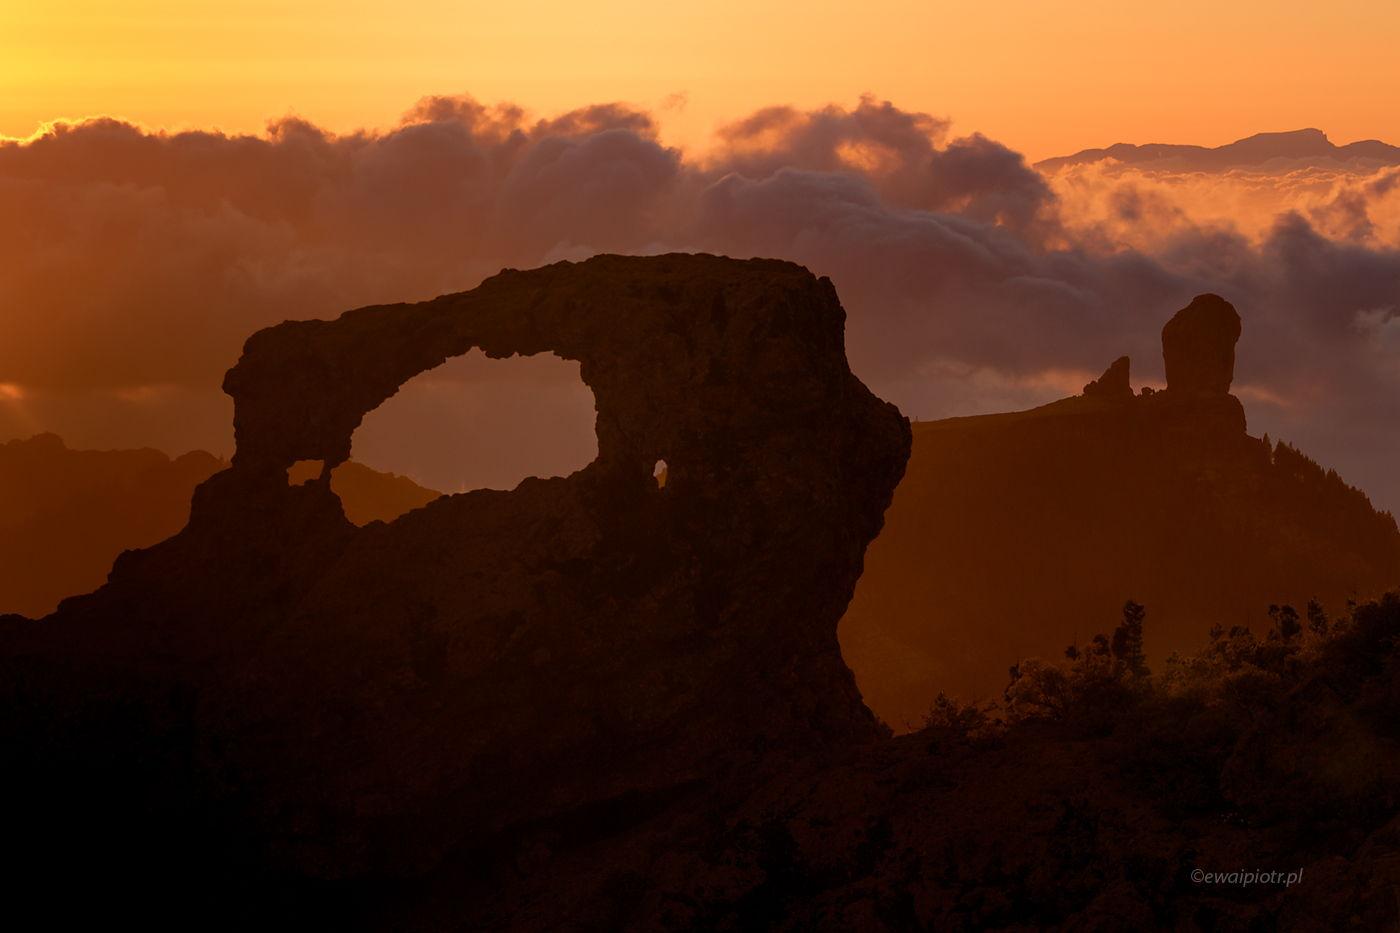 Roque Nublo przez skalny łuk, Gran Canaria, Wyspy Kanaryjskie